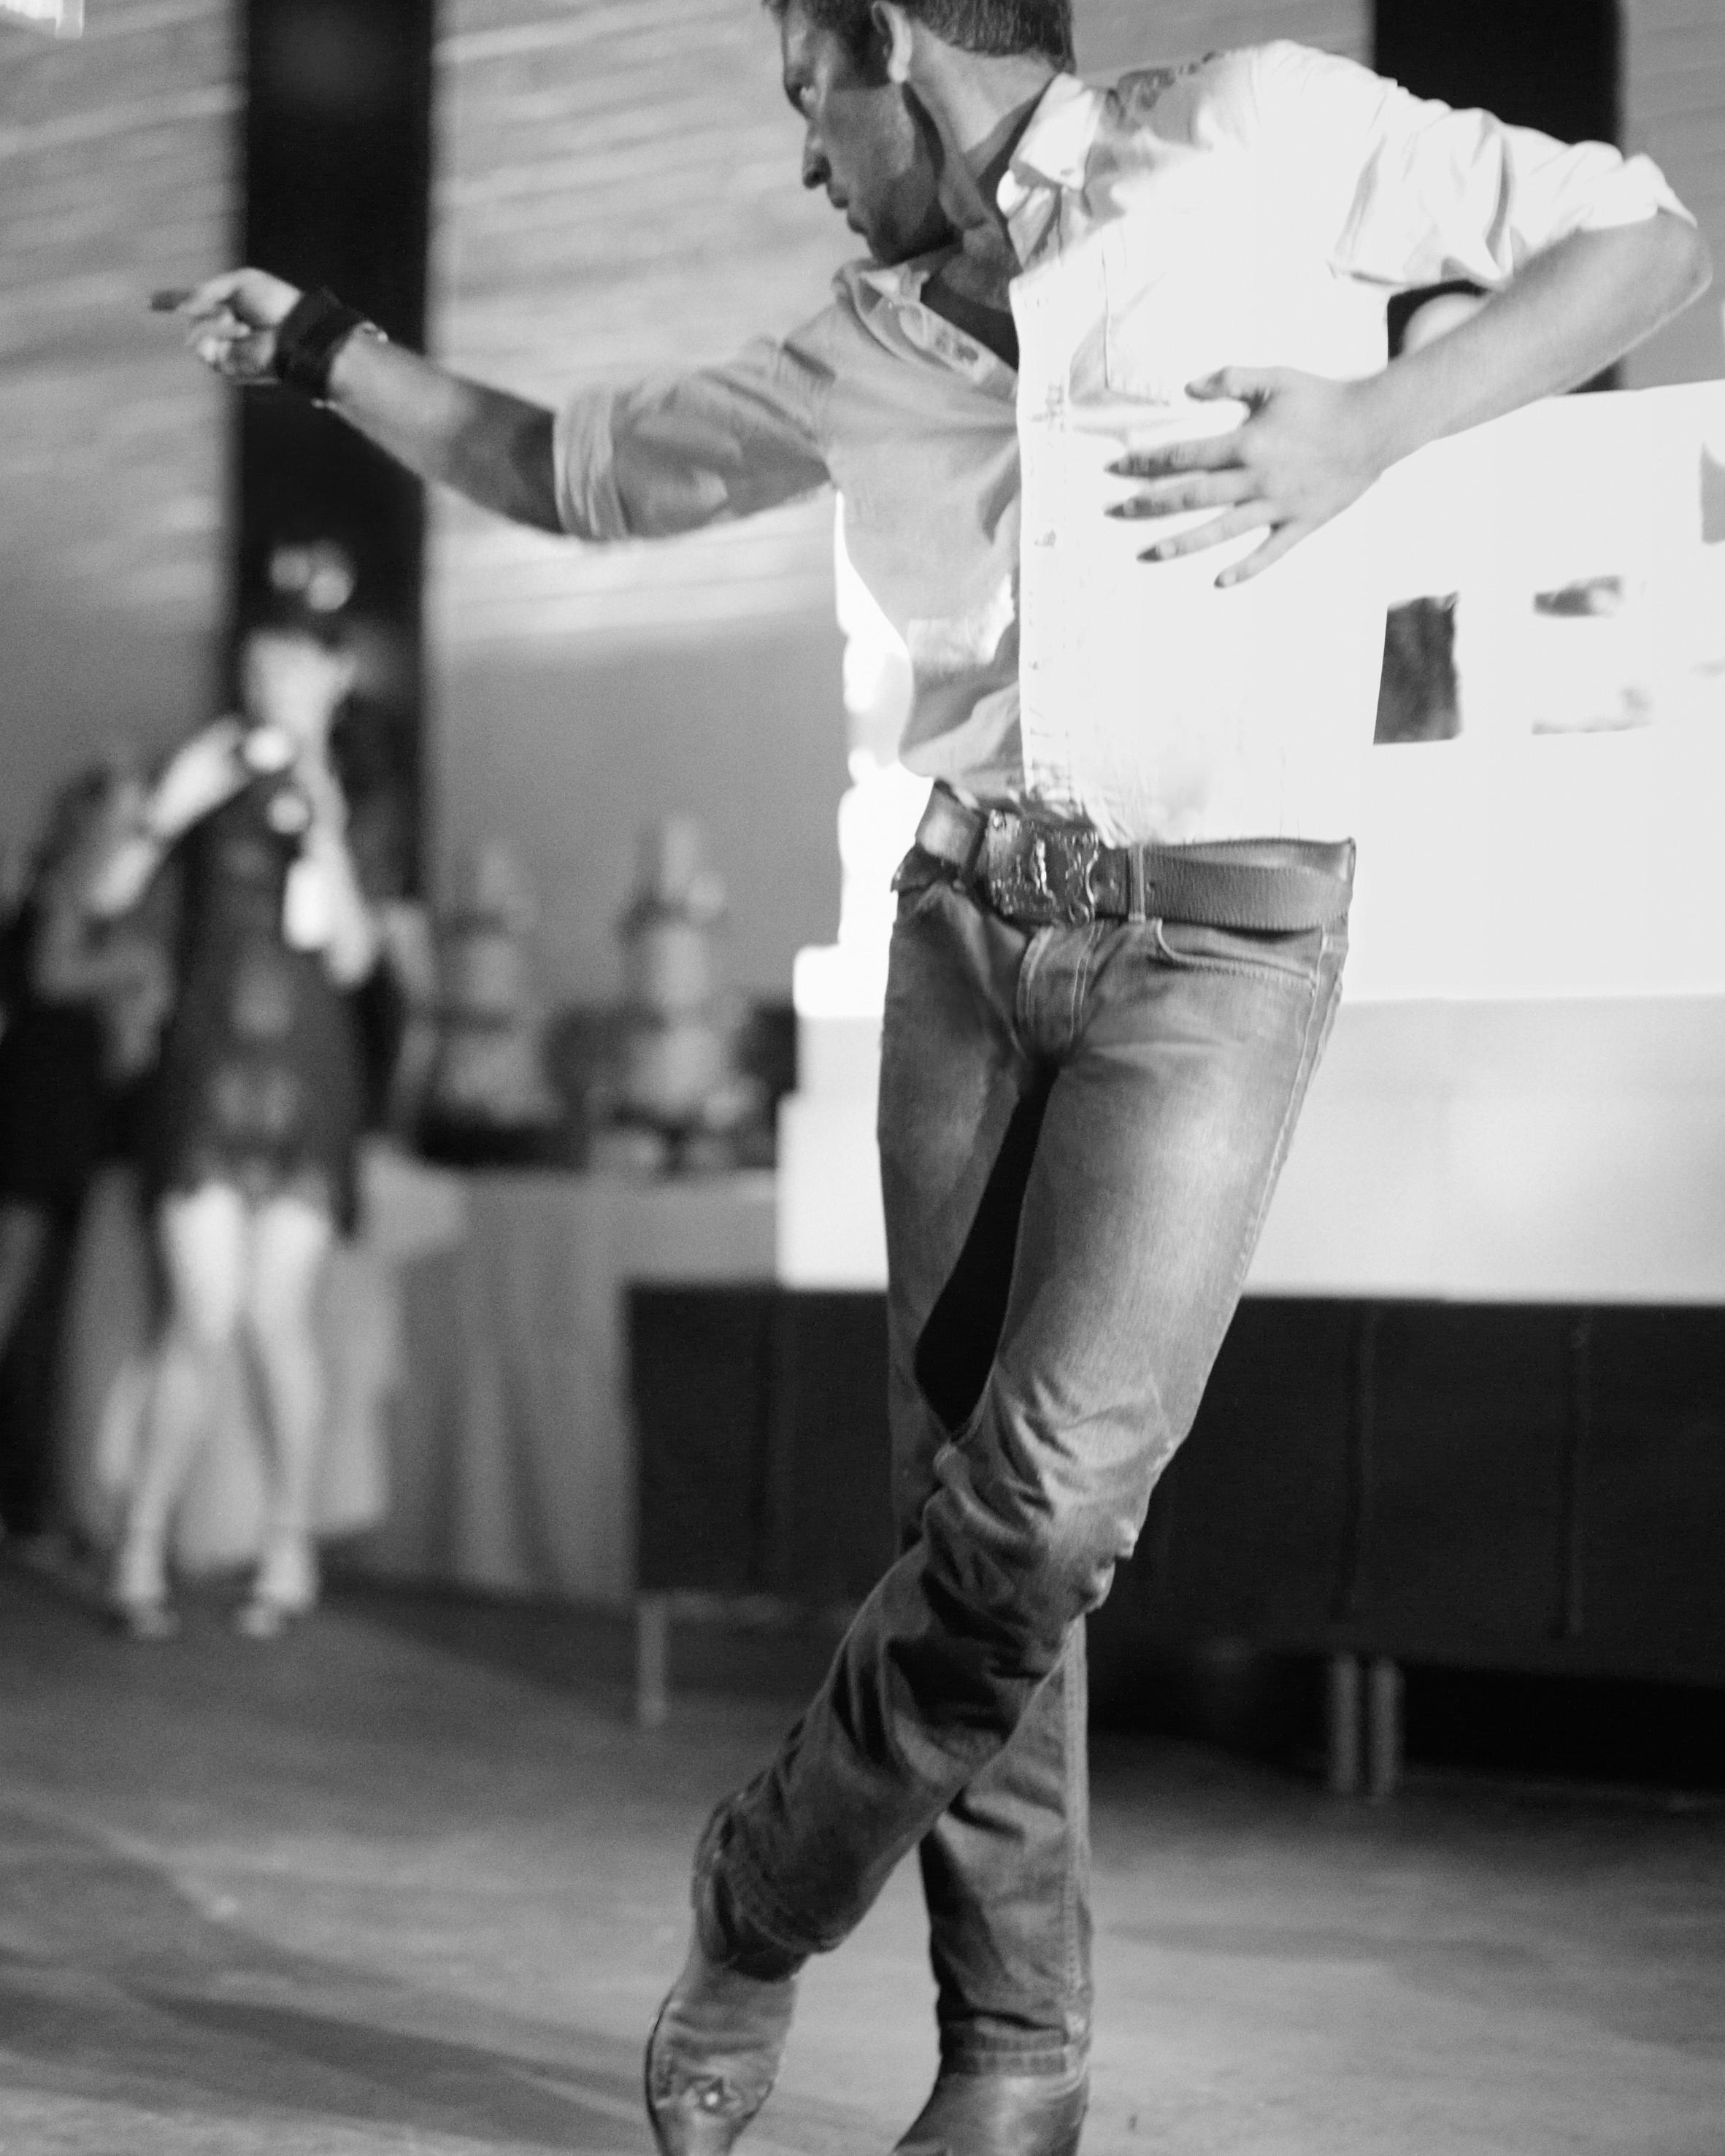 rw-anthony-rusty-reception-dancing-1354-04547-bw-wd110176.jpg